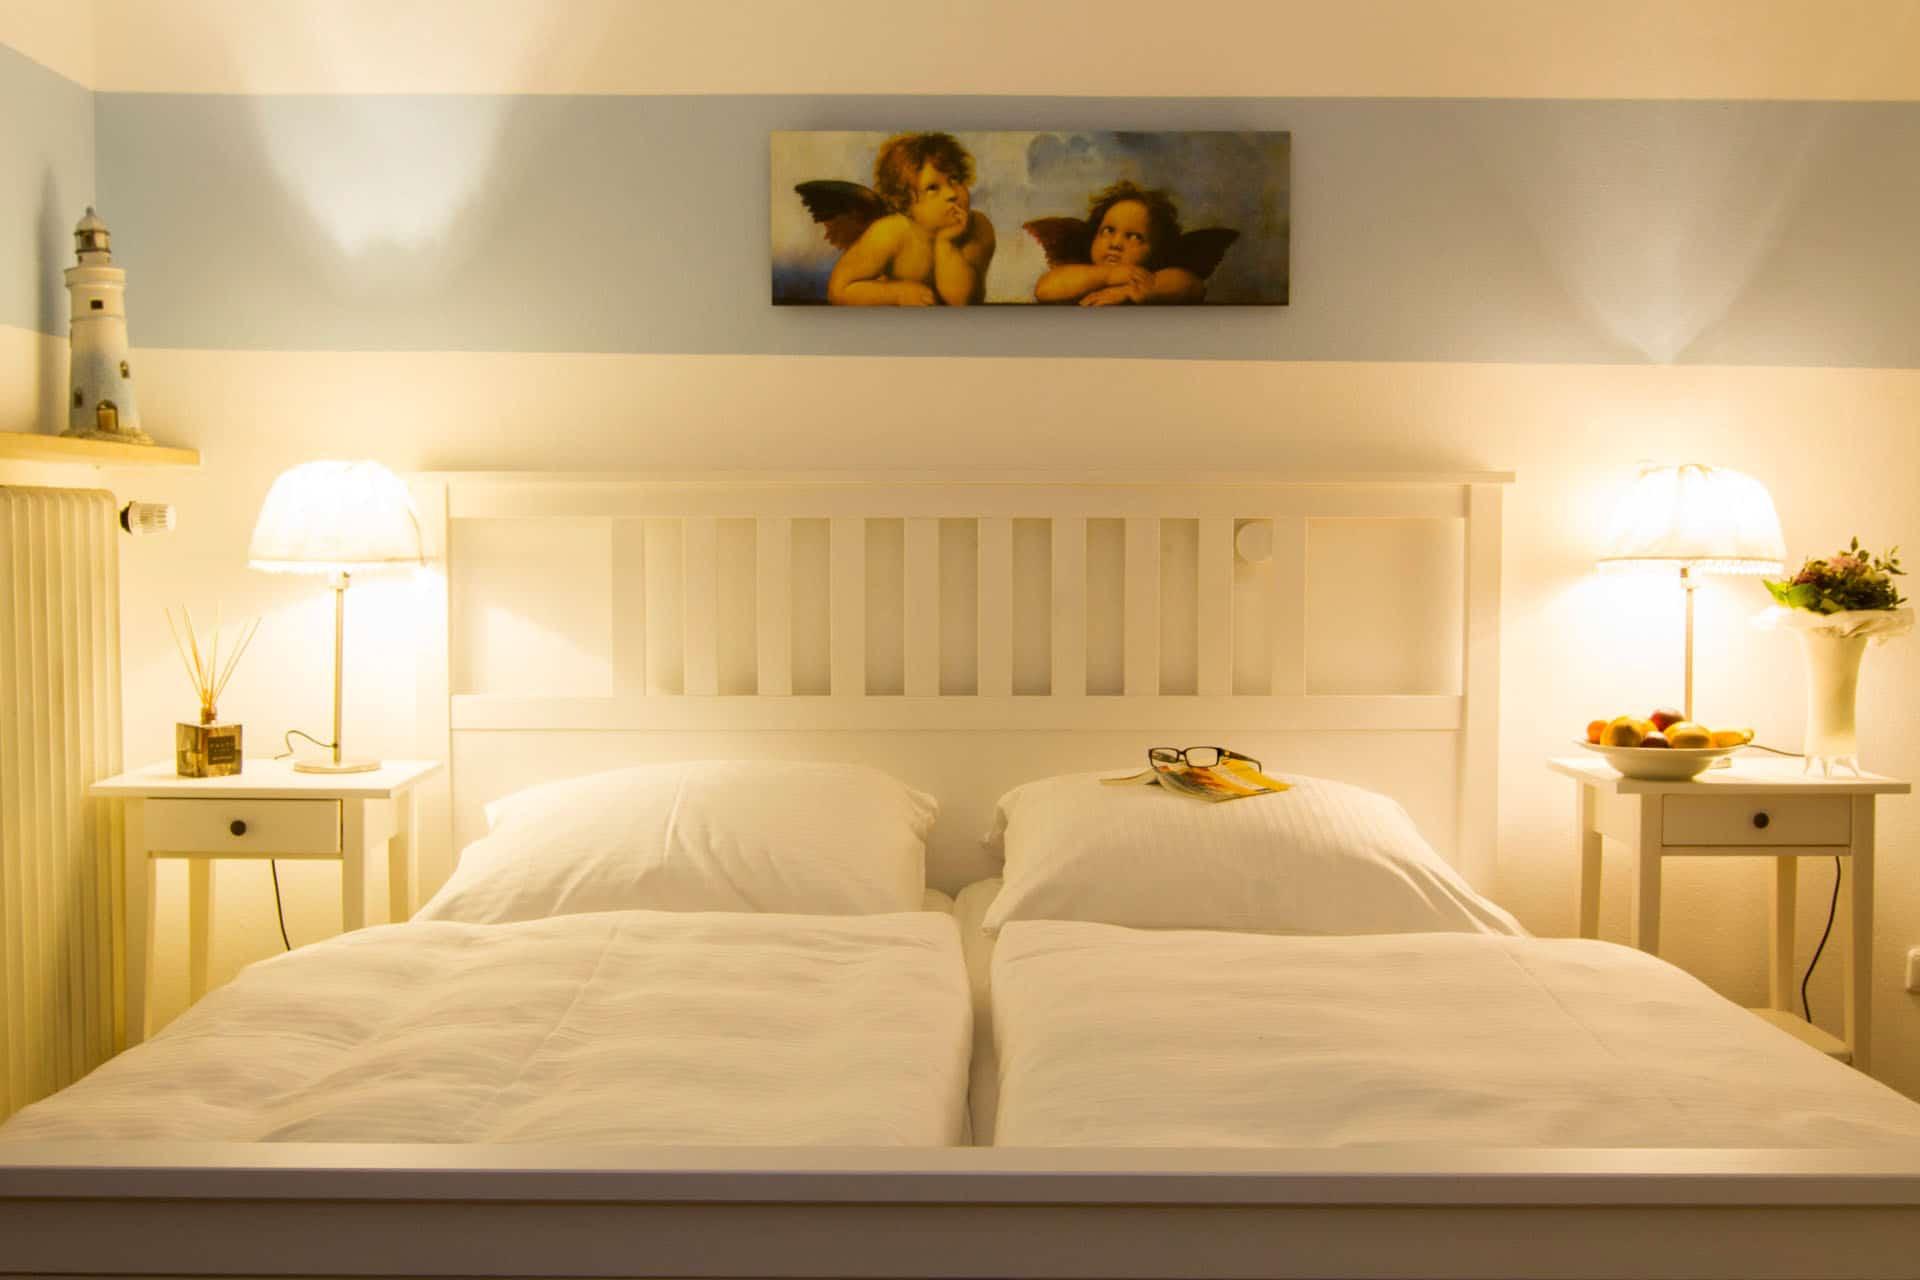 Hotelfotos - Hotelfotografie - Ferienwohnung Fotografie - Foto Stoess Murnau-1